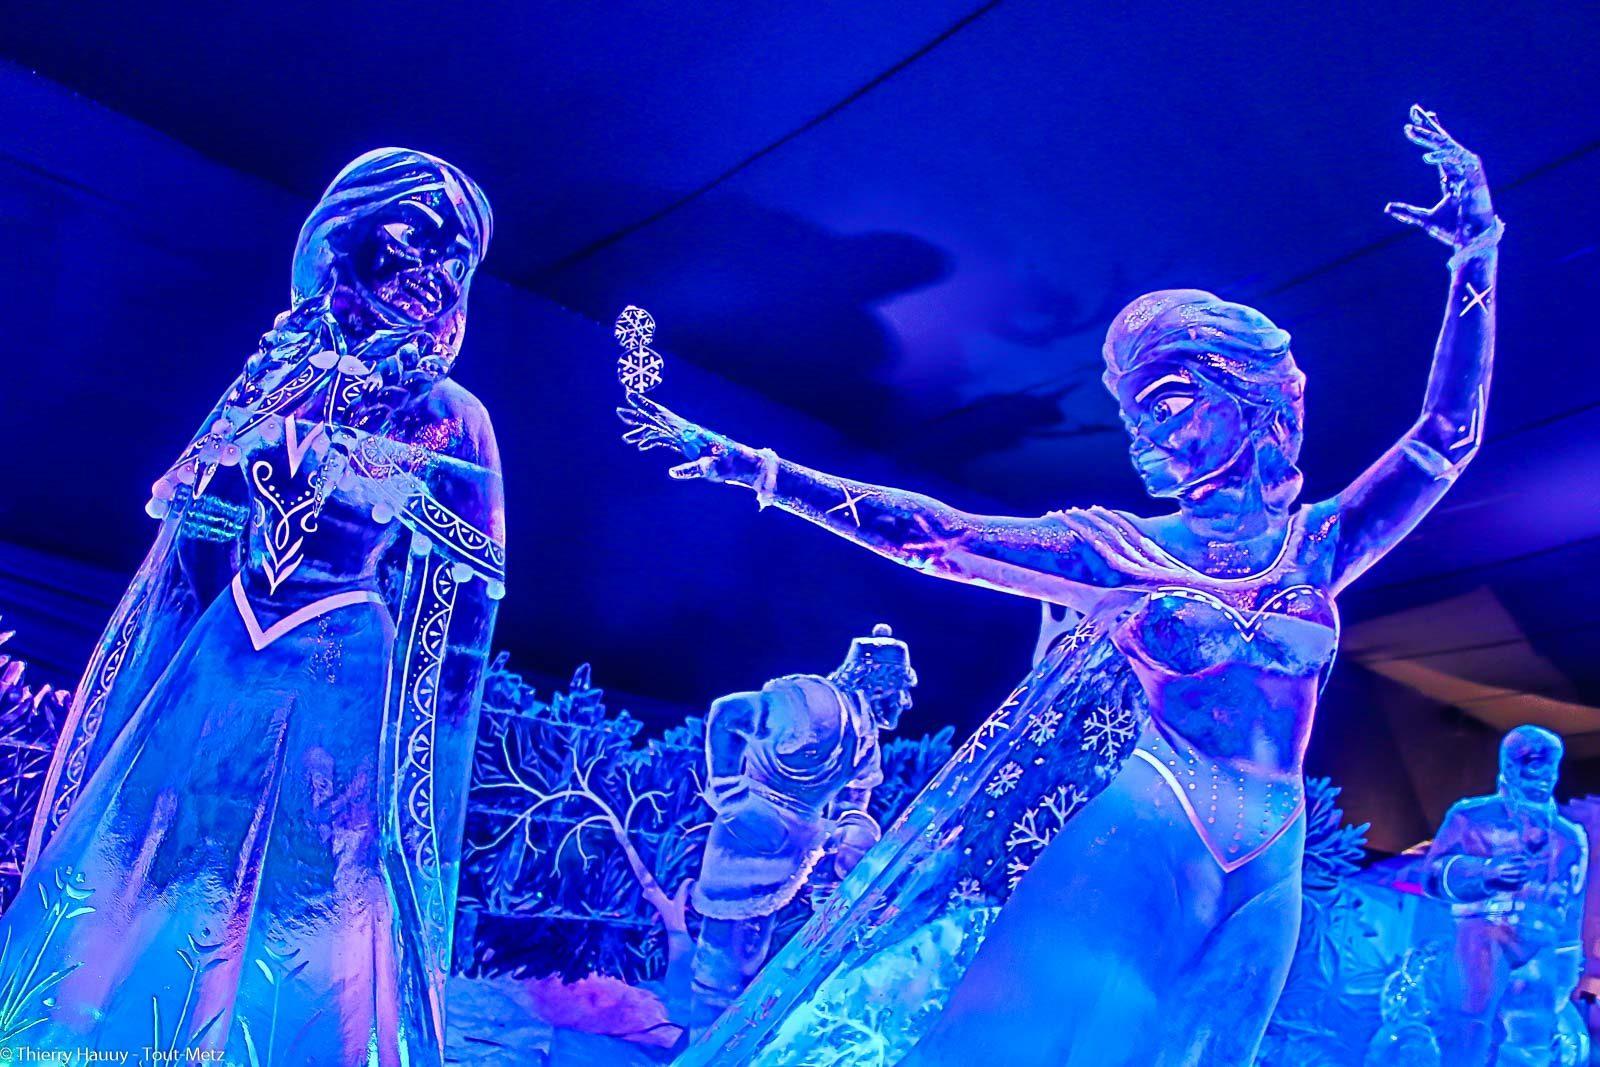 Derniers jours pour voir les sculptures de glace metz - Date des saint de glace 2017 ...